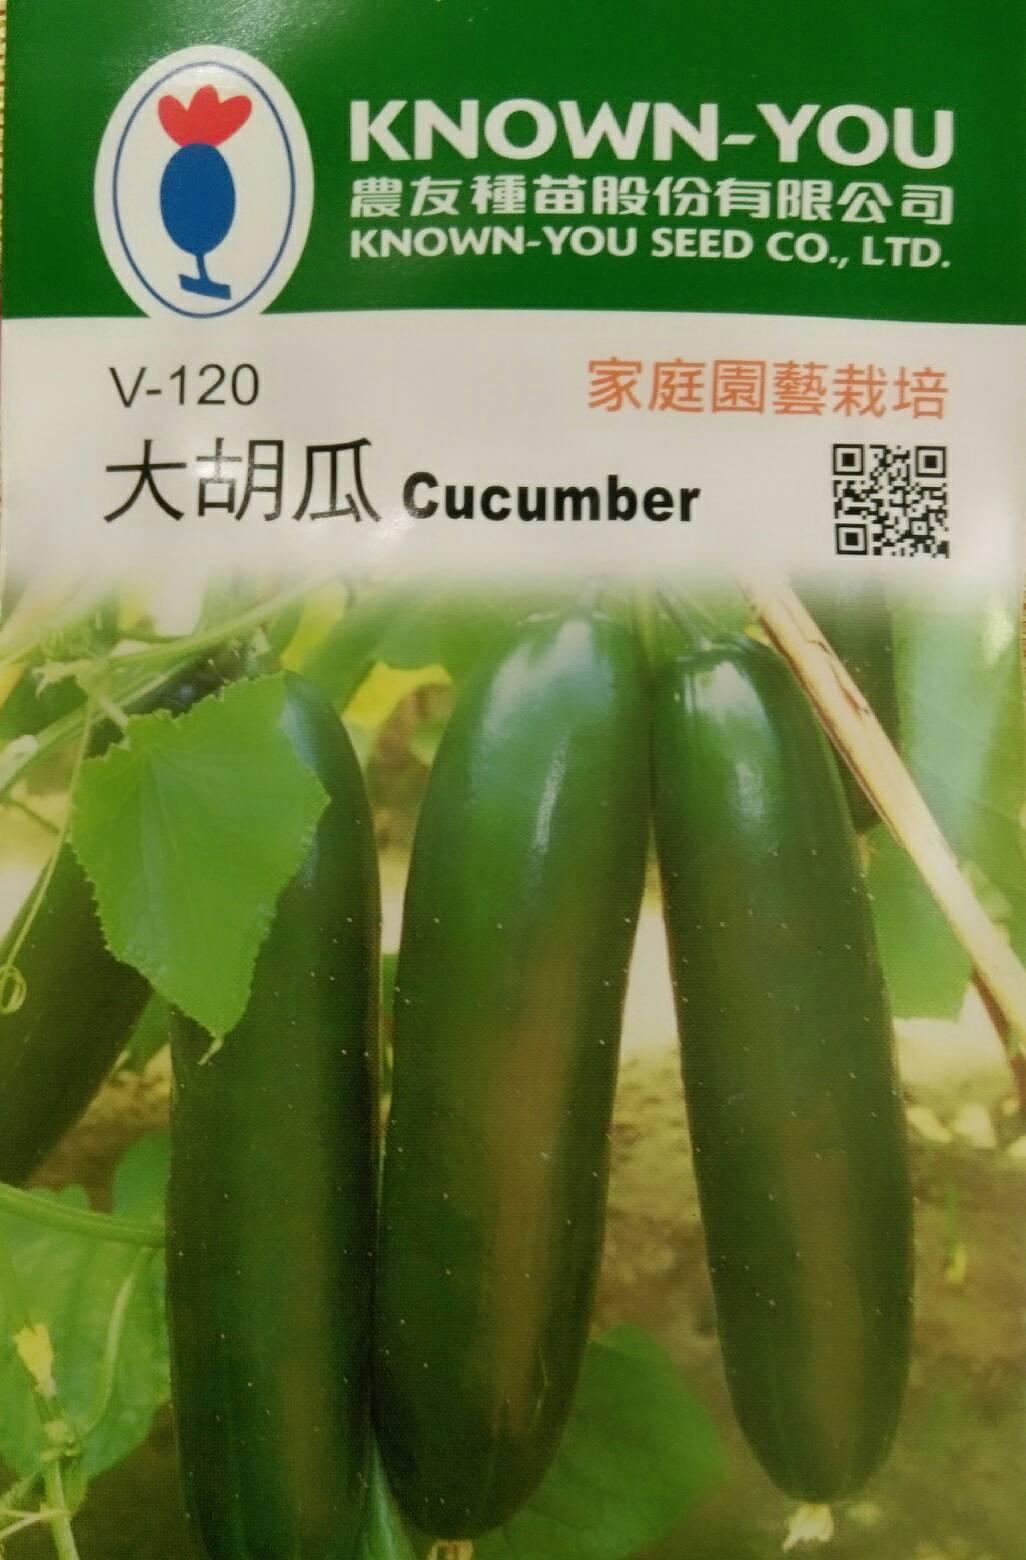 【尋花趣】大胡瓜(大黃瓜) 種子農友種苗 蔬果種子 每包約15粒 無藥劑處理 保證新鮮種子